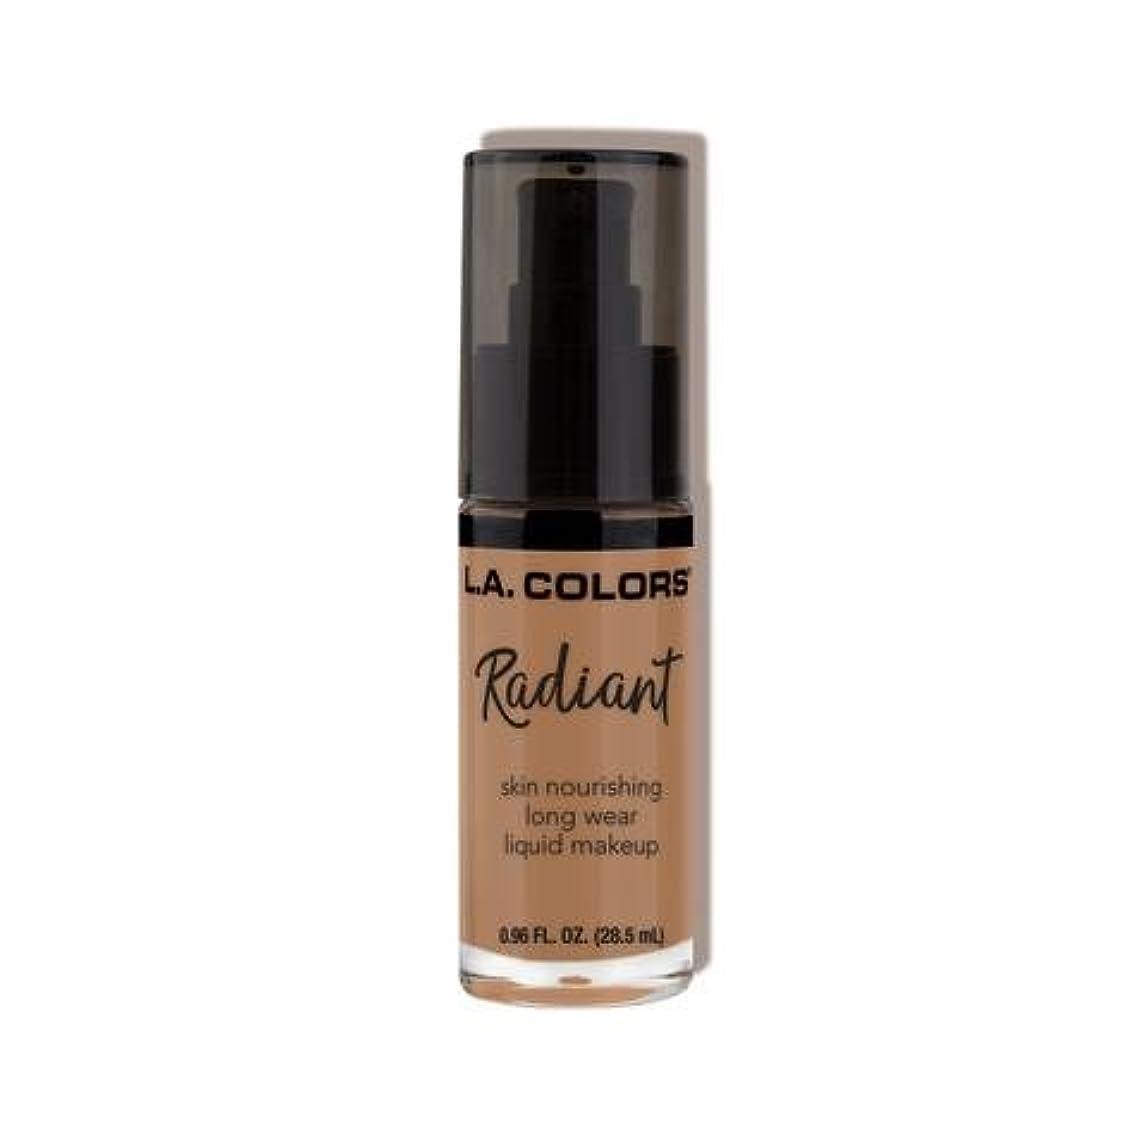 チャレンジ息を切らして効能ある(3 Pack) L.A. COLORS Radiant Liquid Makeup - Creamy Cafe (並行輸入品)